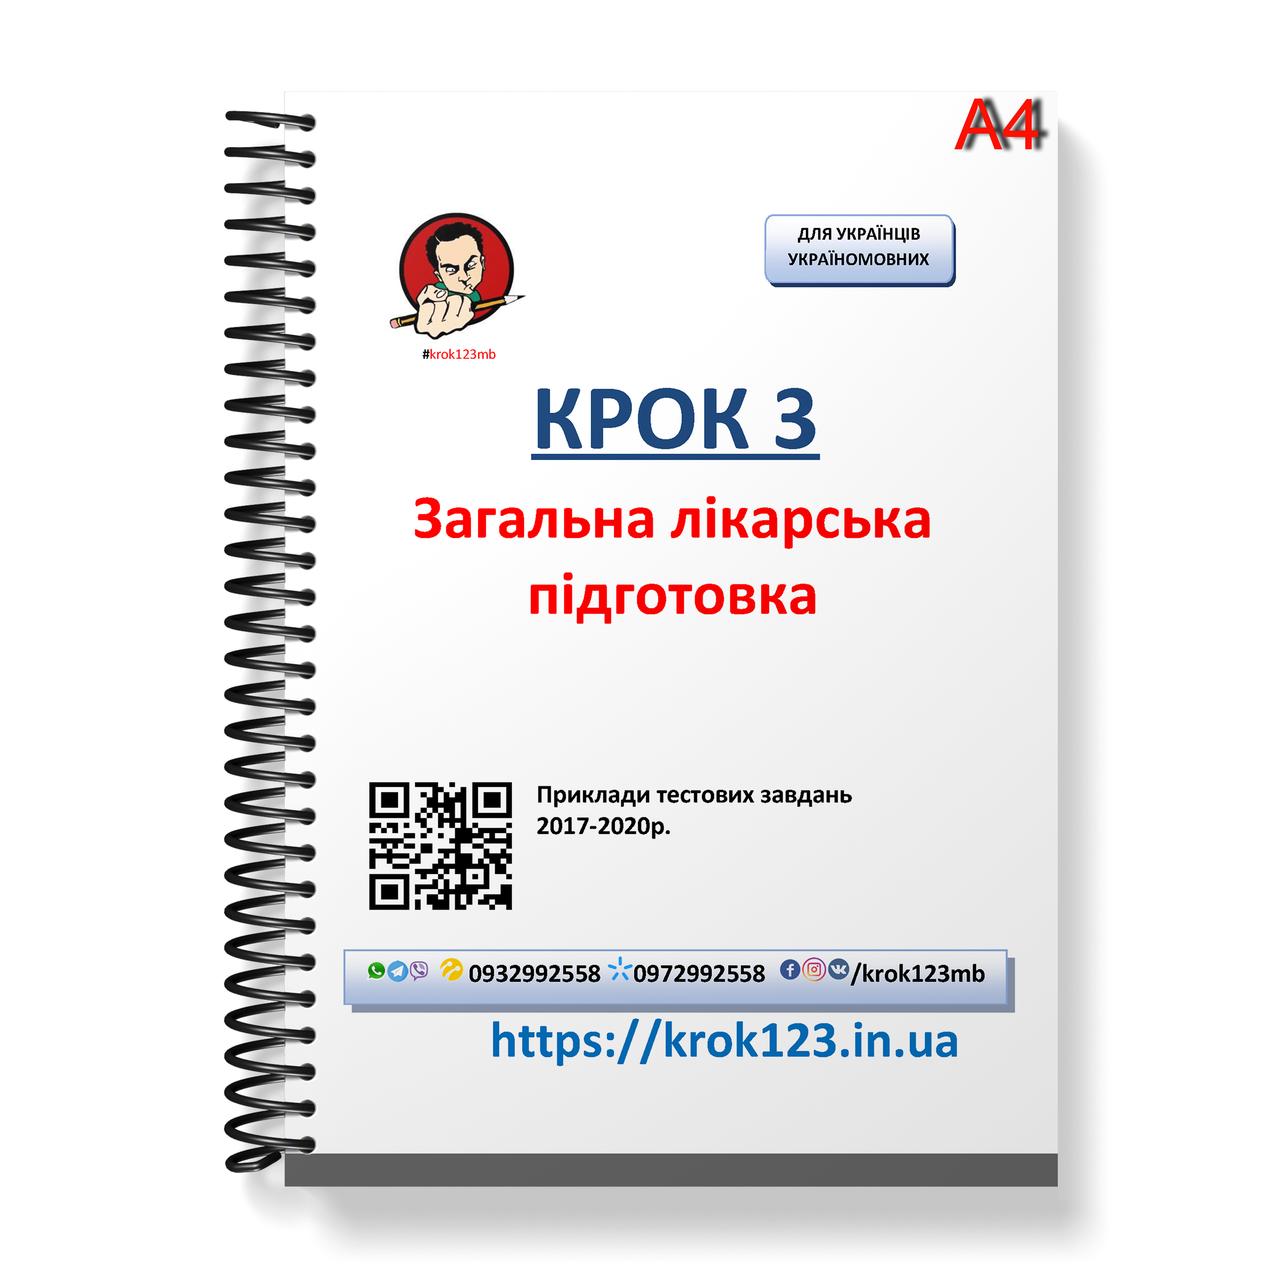 Крок 3. Медицина. ЕГКЭ (Примеры тестовых заданий) 2017-2020. Для украинцев украиноязычных. Формат А4